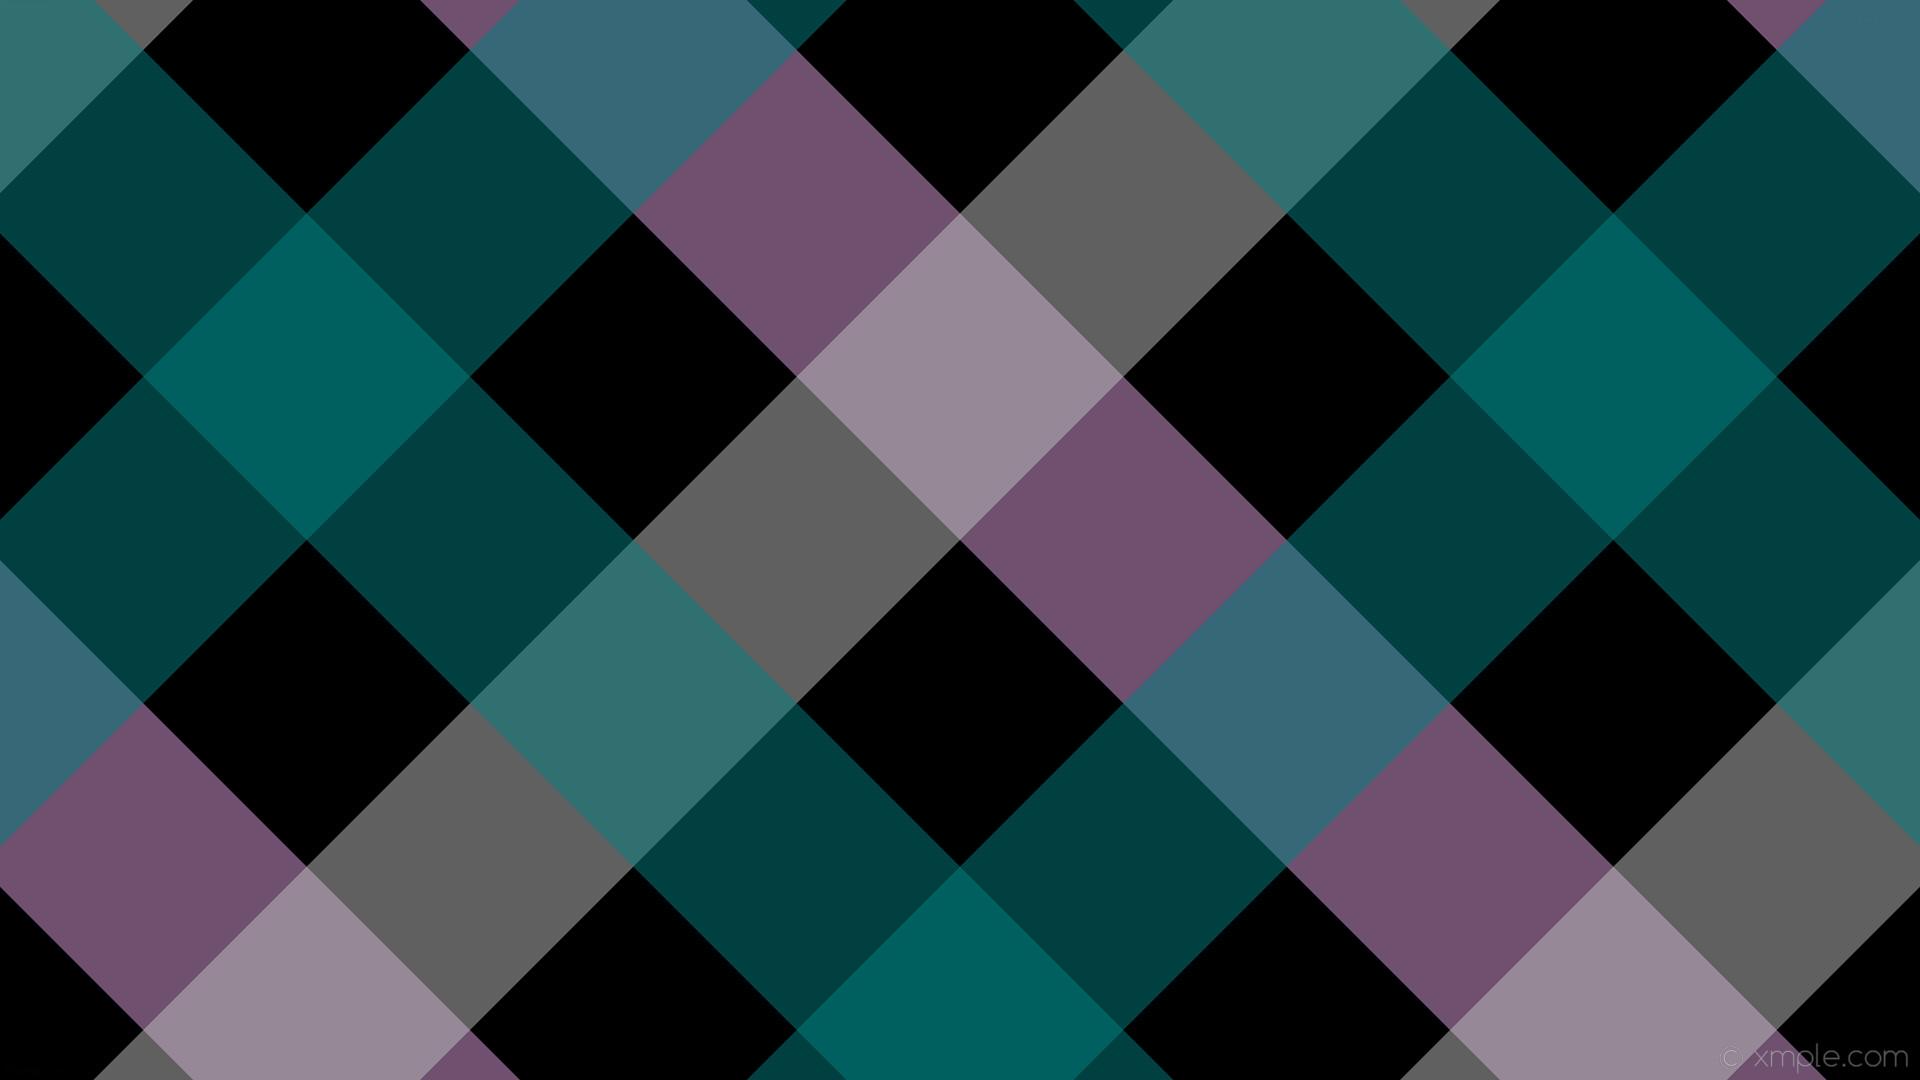 wallpaper quad purple green grey striped gingham black plum silver teal  #000000 #dda0dd #